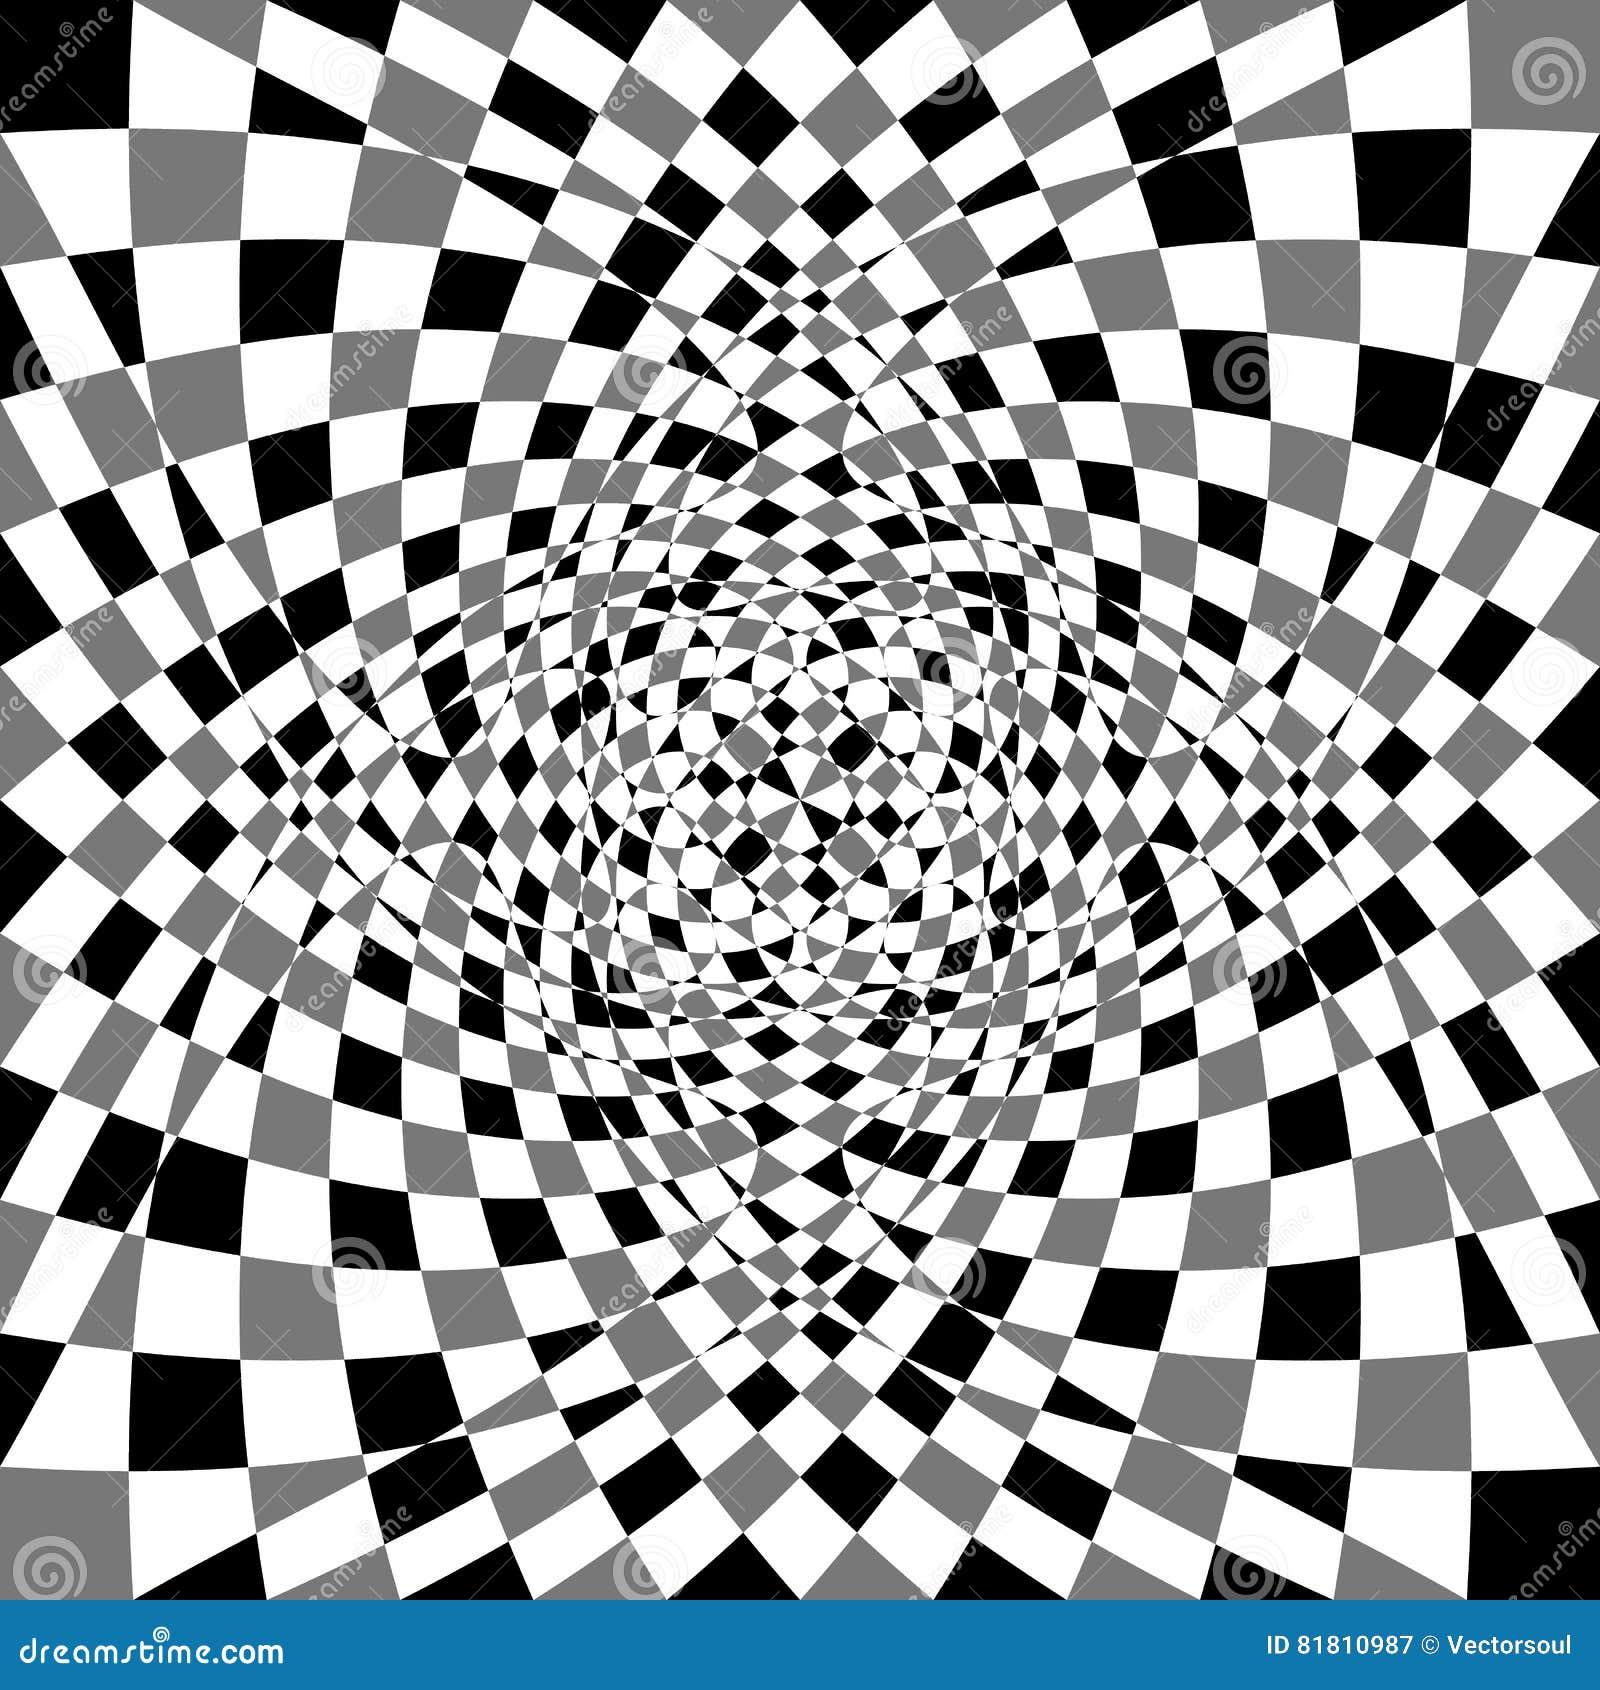 Передернутая, деформированная несимметричная текстура Tessellating грубое, нервный